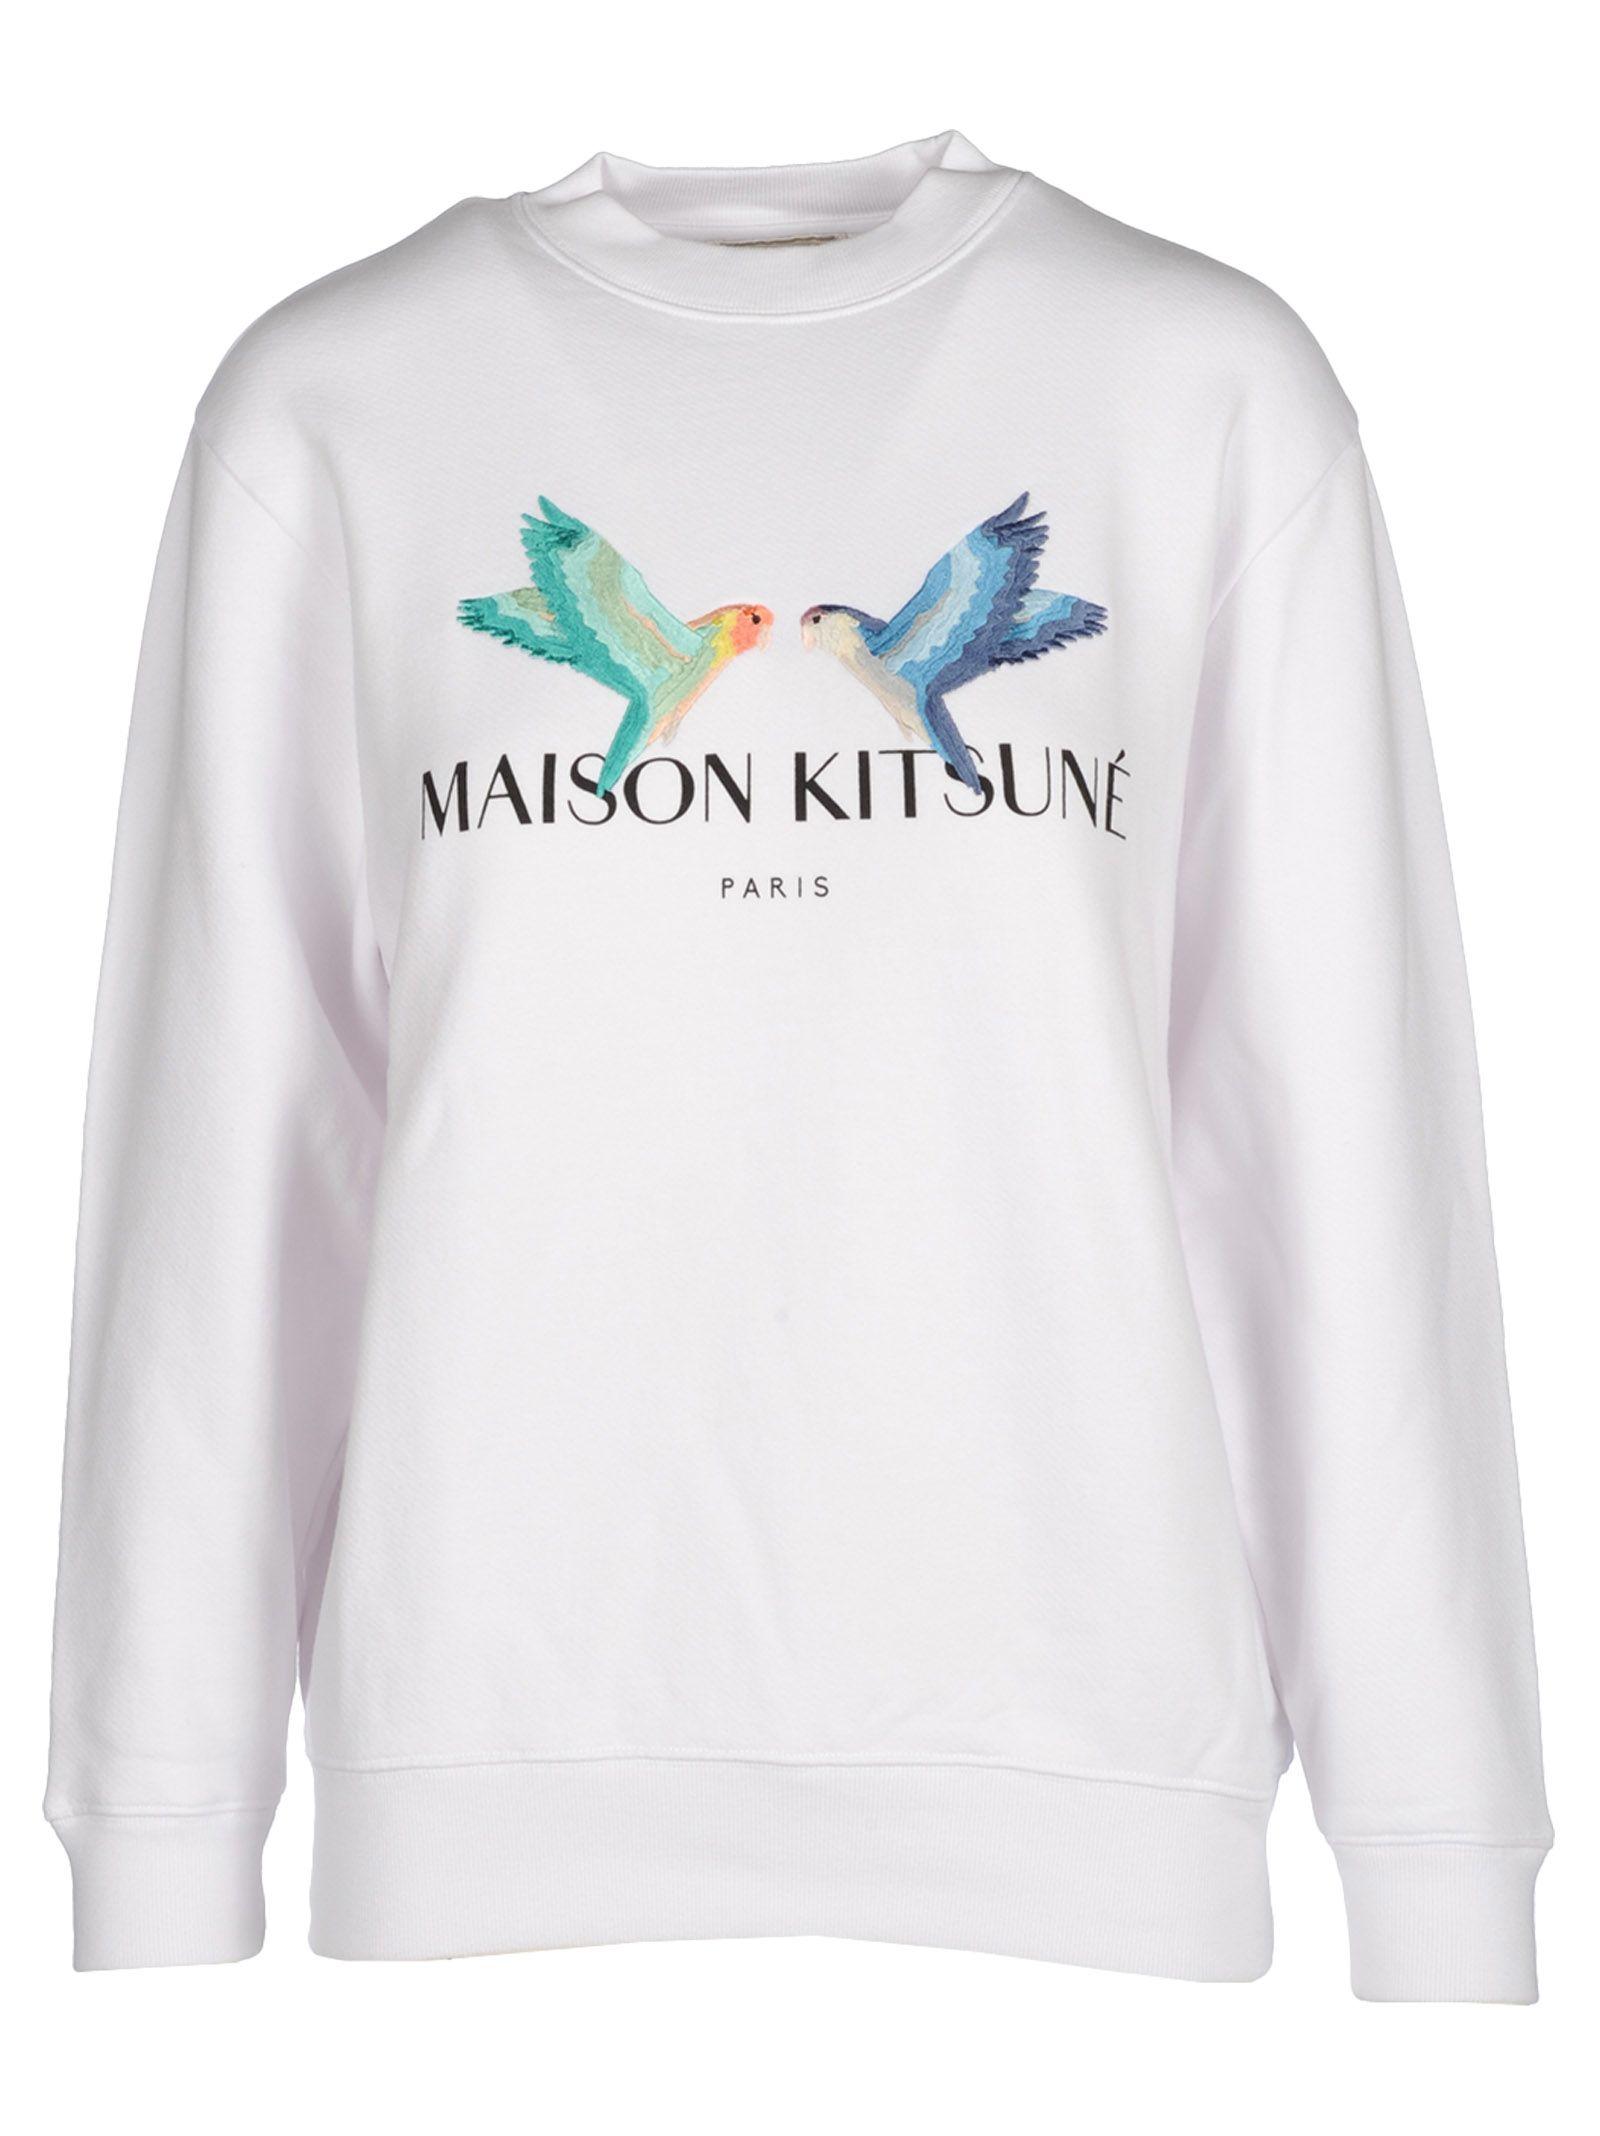 Kitsuné MAISON KITSUNÉ LOGO PRINT SWEATSHIRT